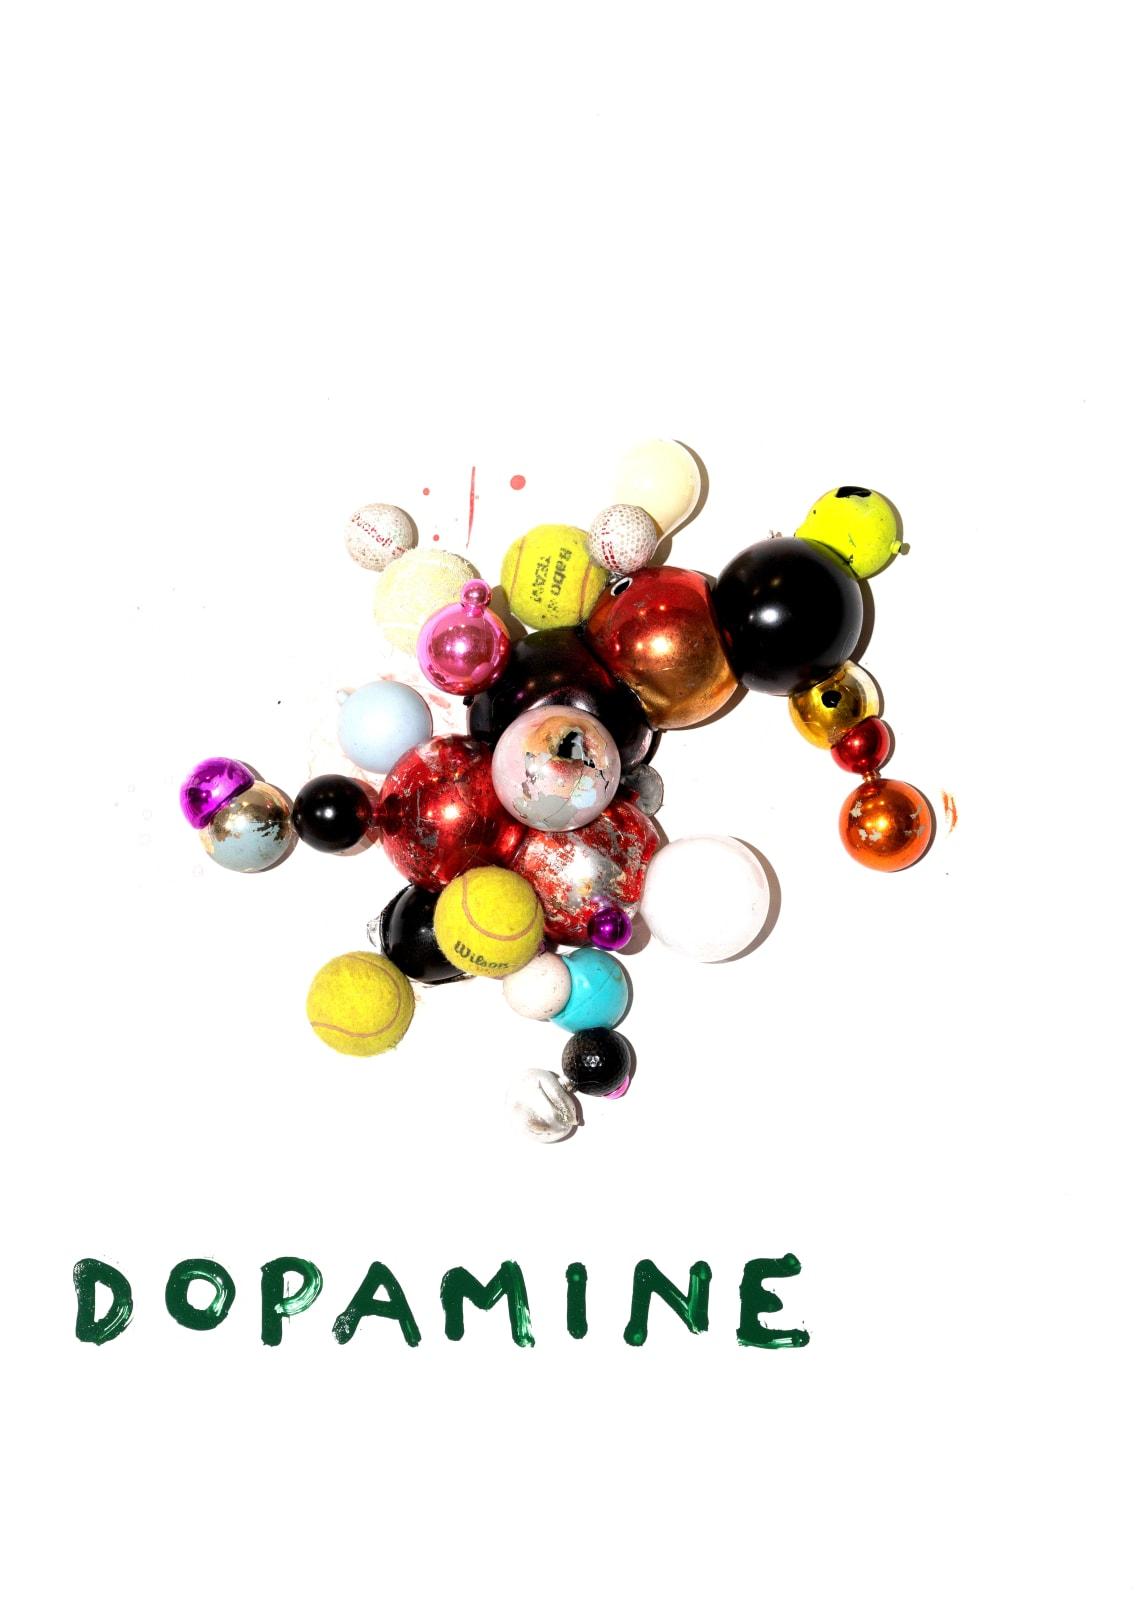 Krištof Kintera, Dopamine, 2019